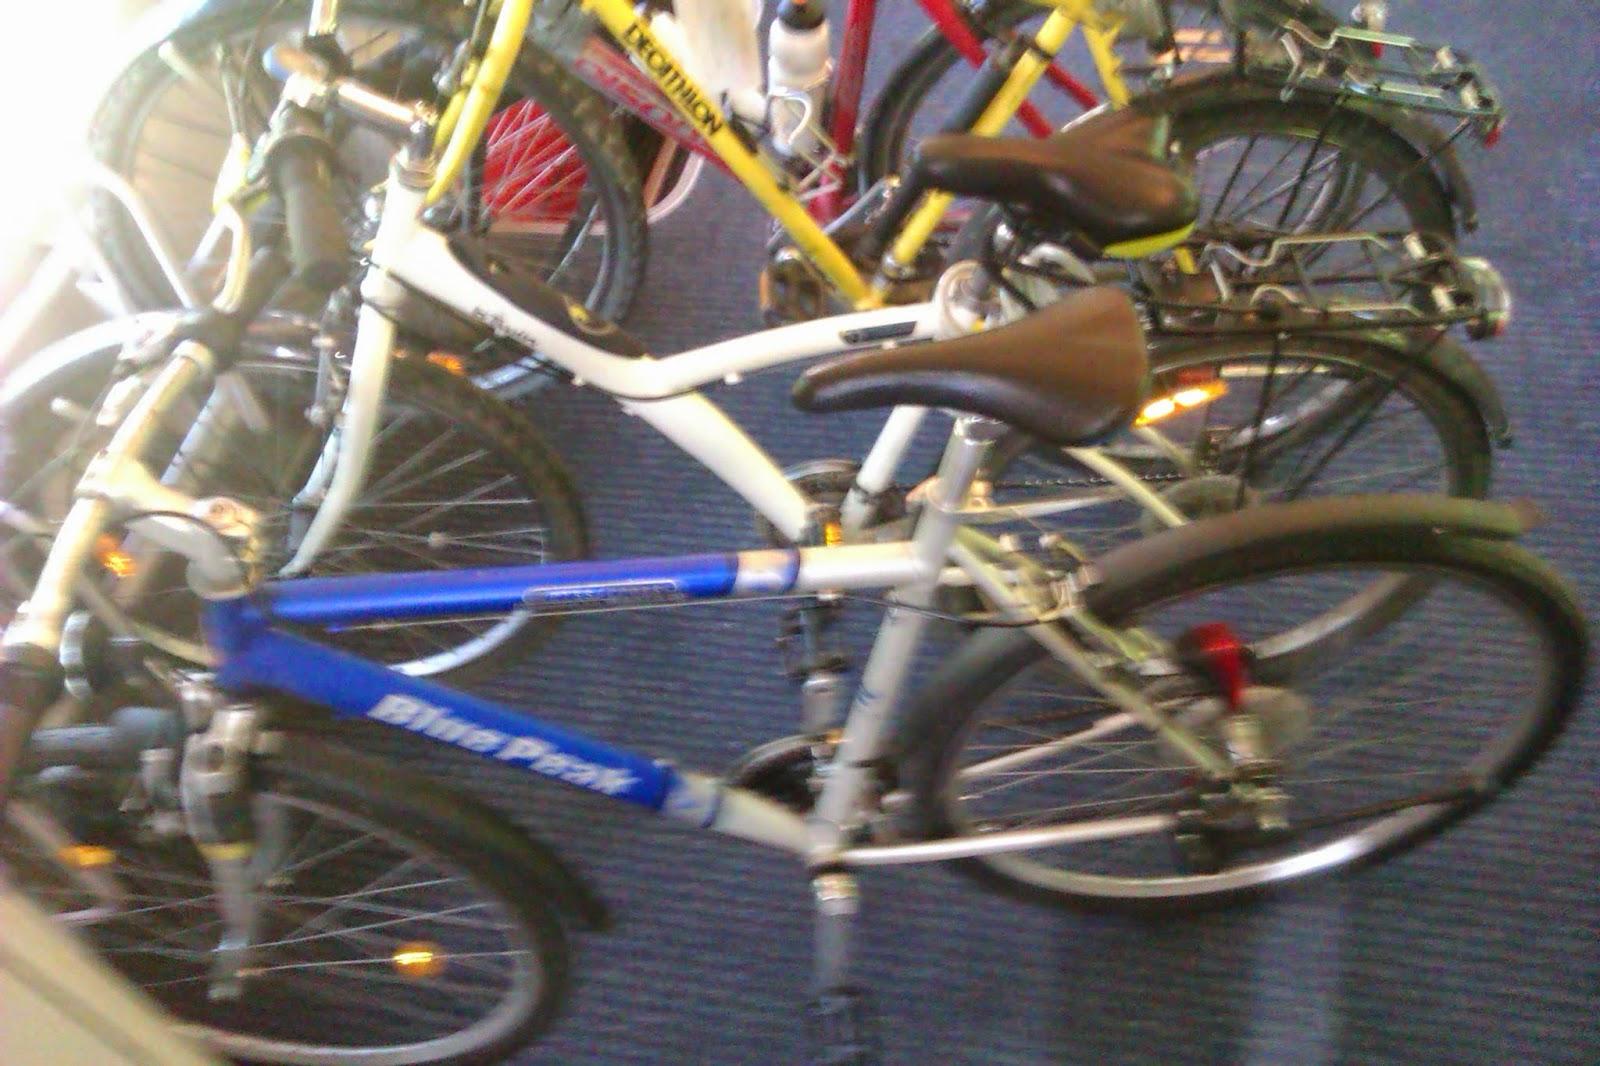 Inter city fahrradmitname räder